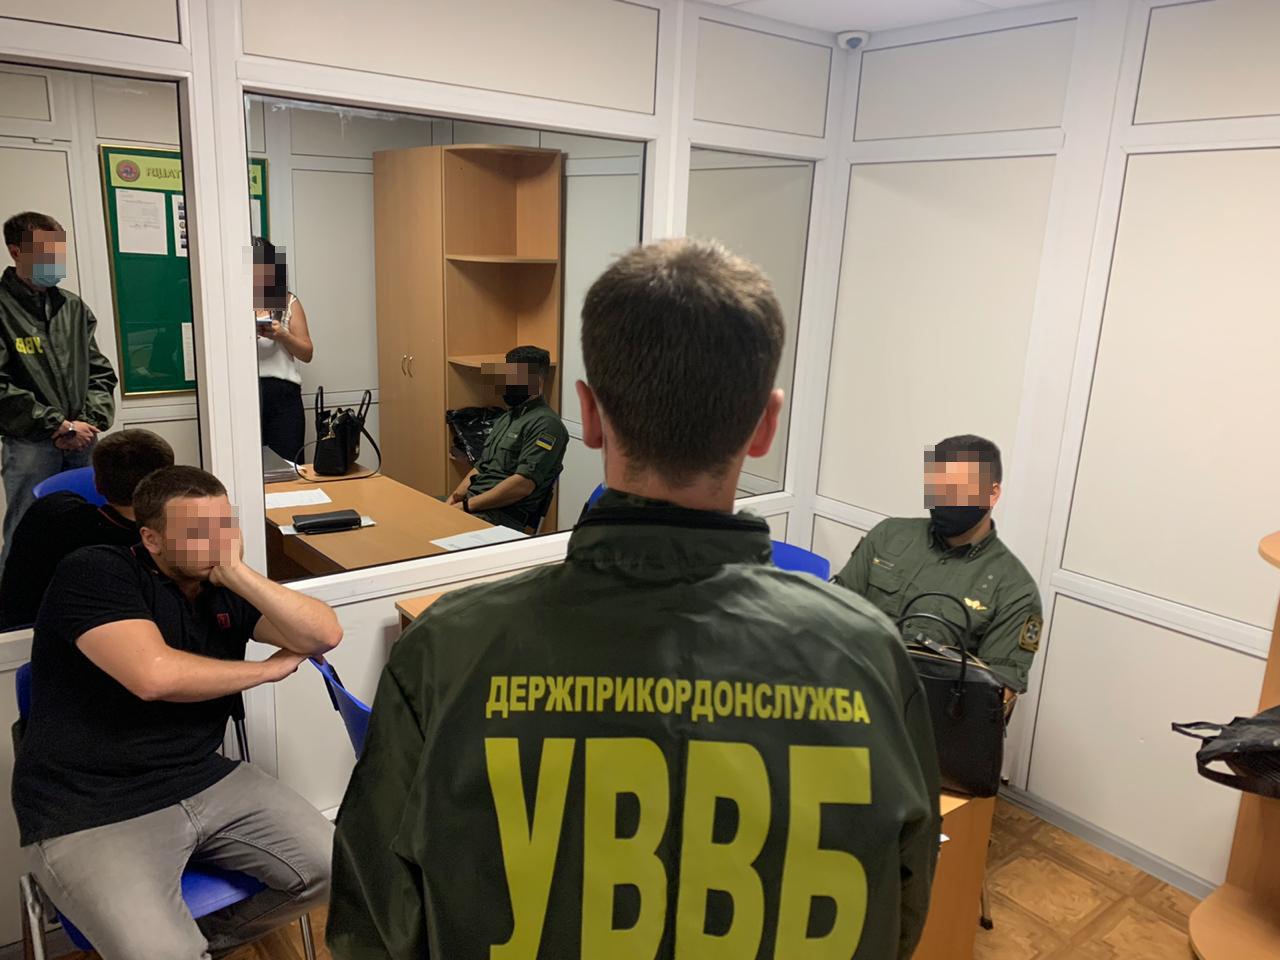 У «Борисполі» українець пропонував хабар за пропуск іноземця через кордон, фото-1